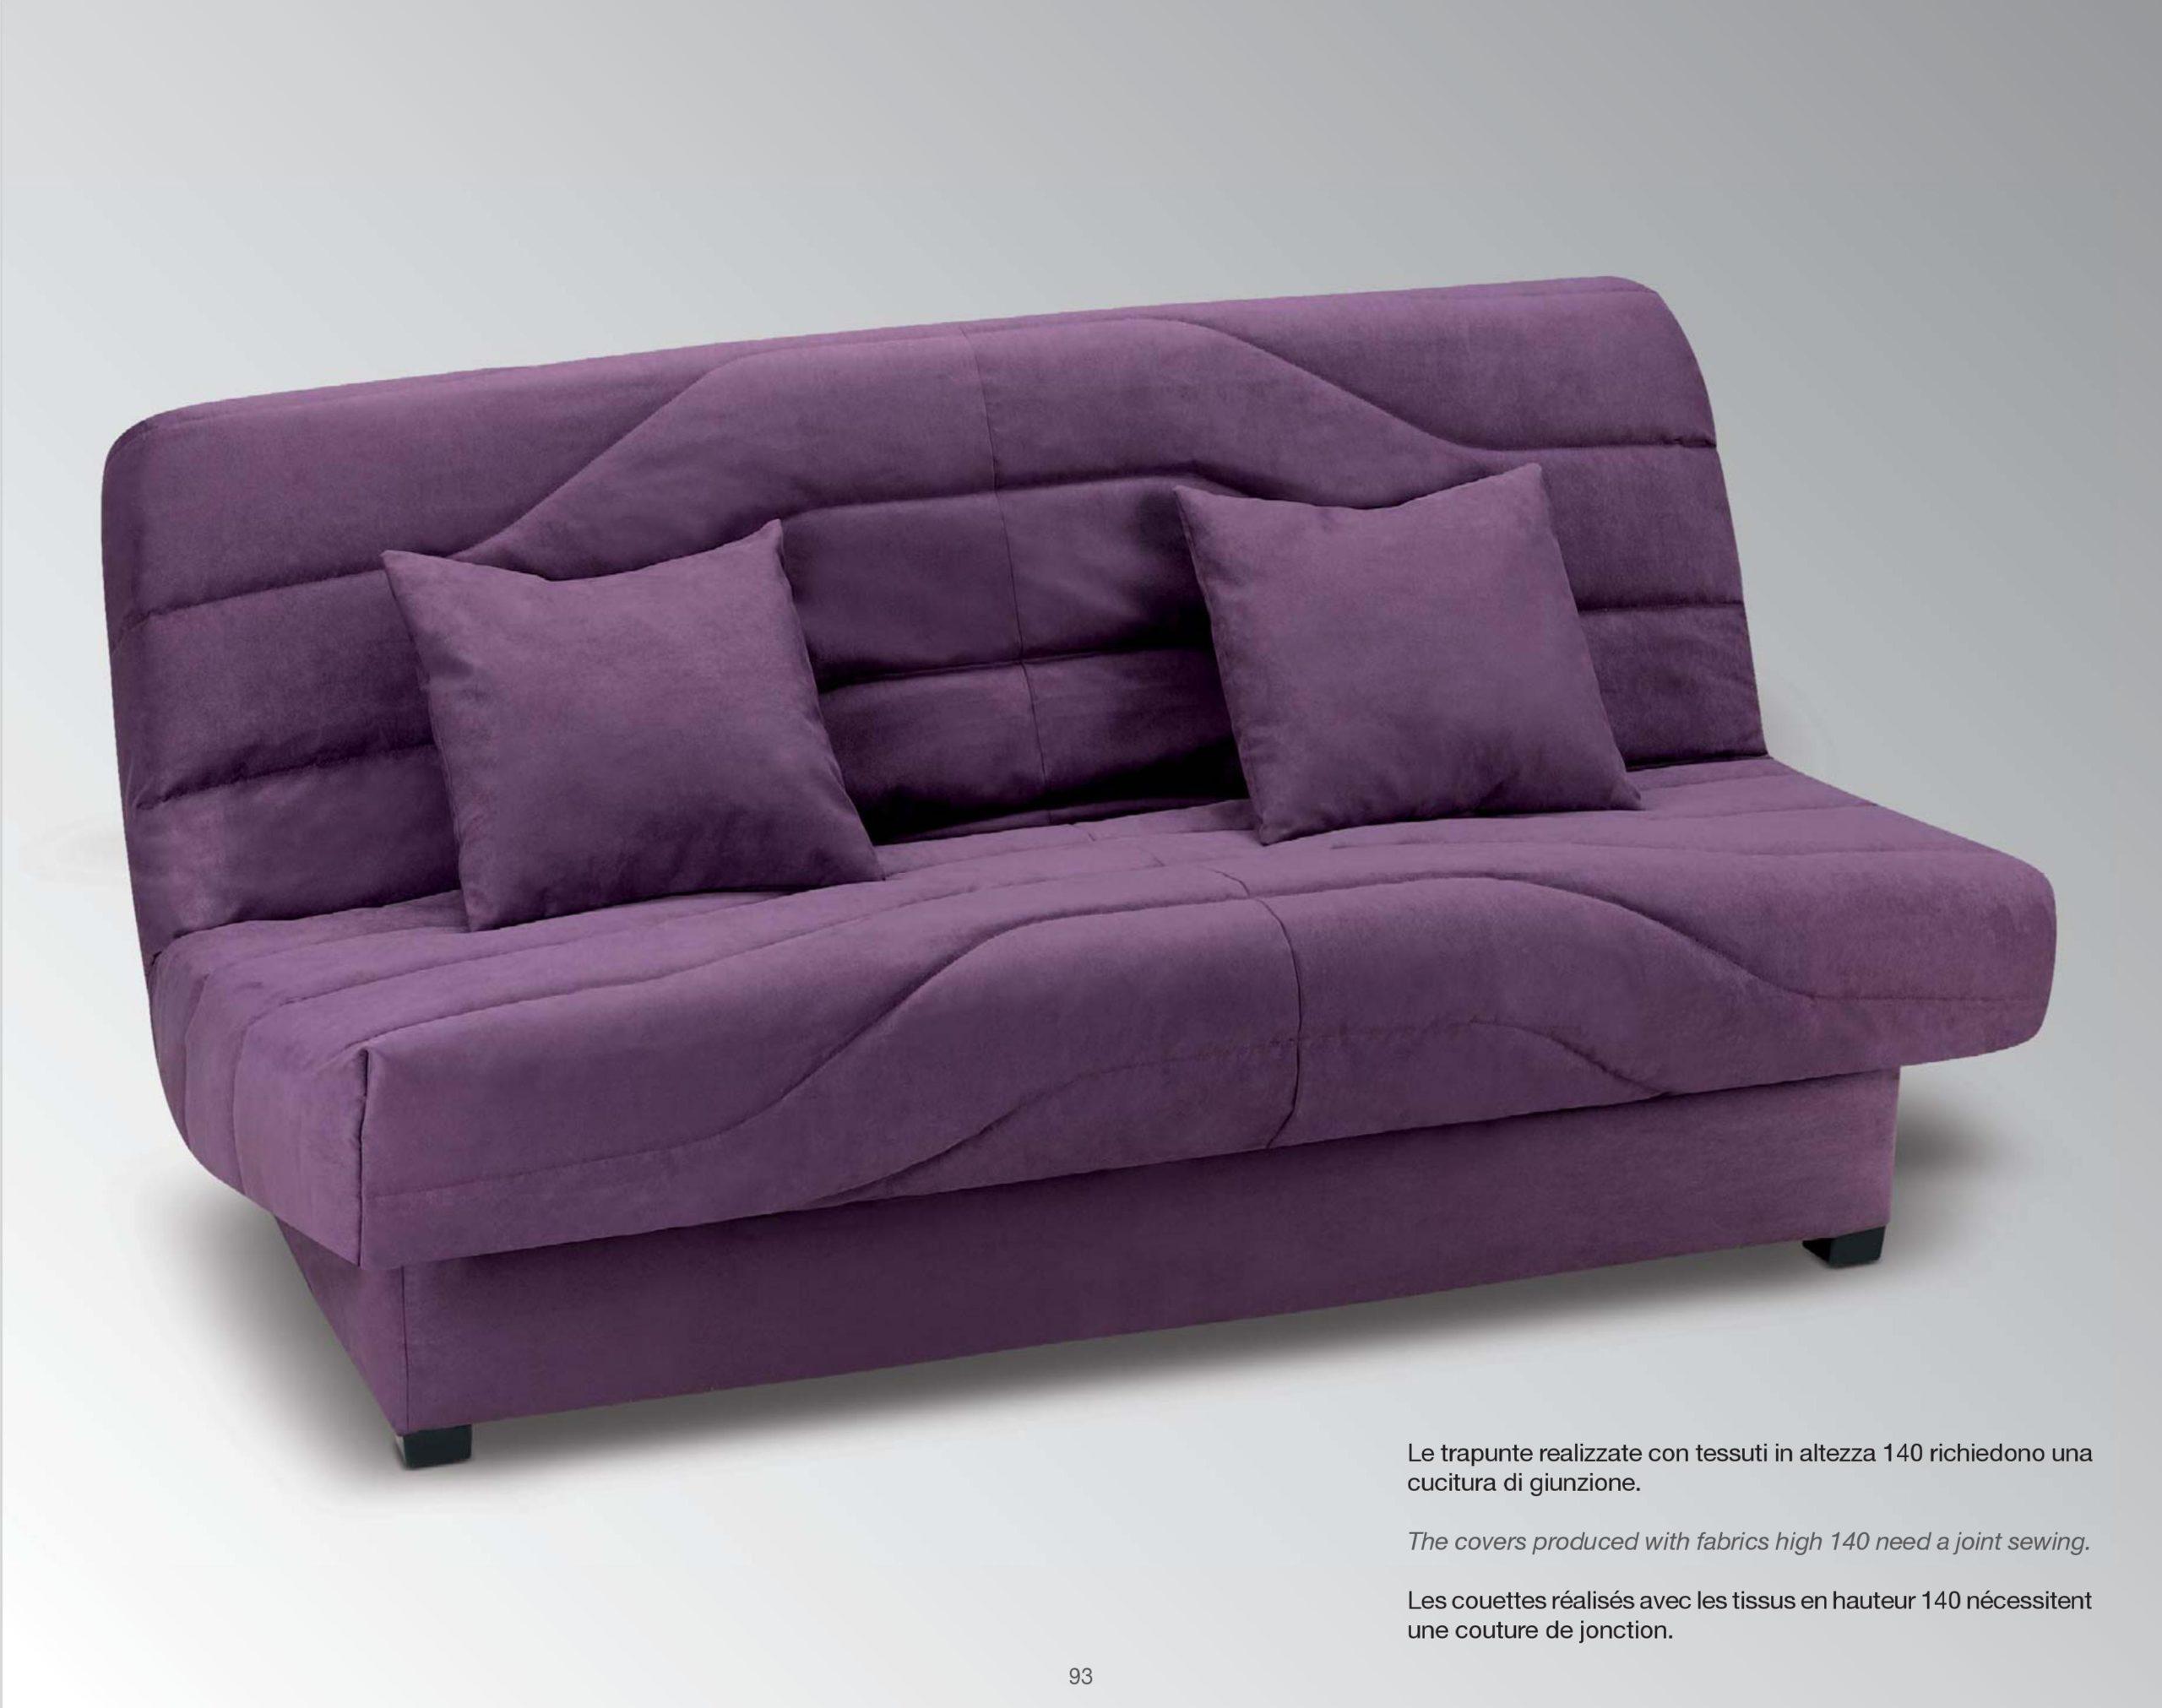 canapé lit clic-clac, haute résilience, 130×190 cm